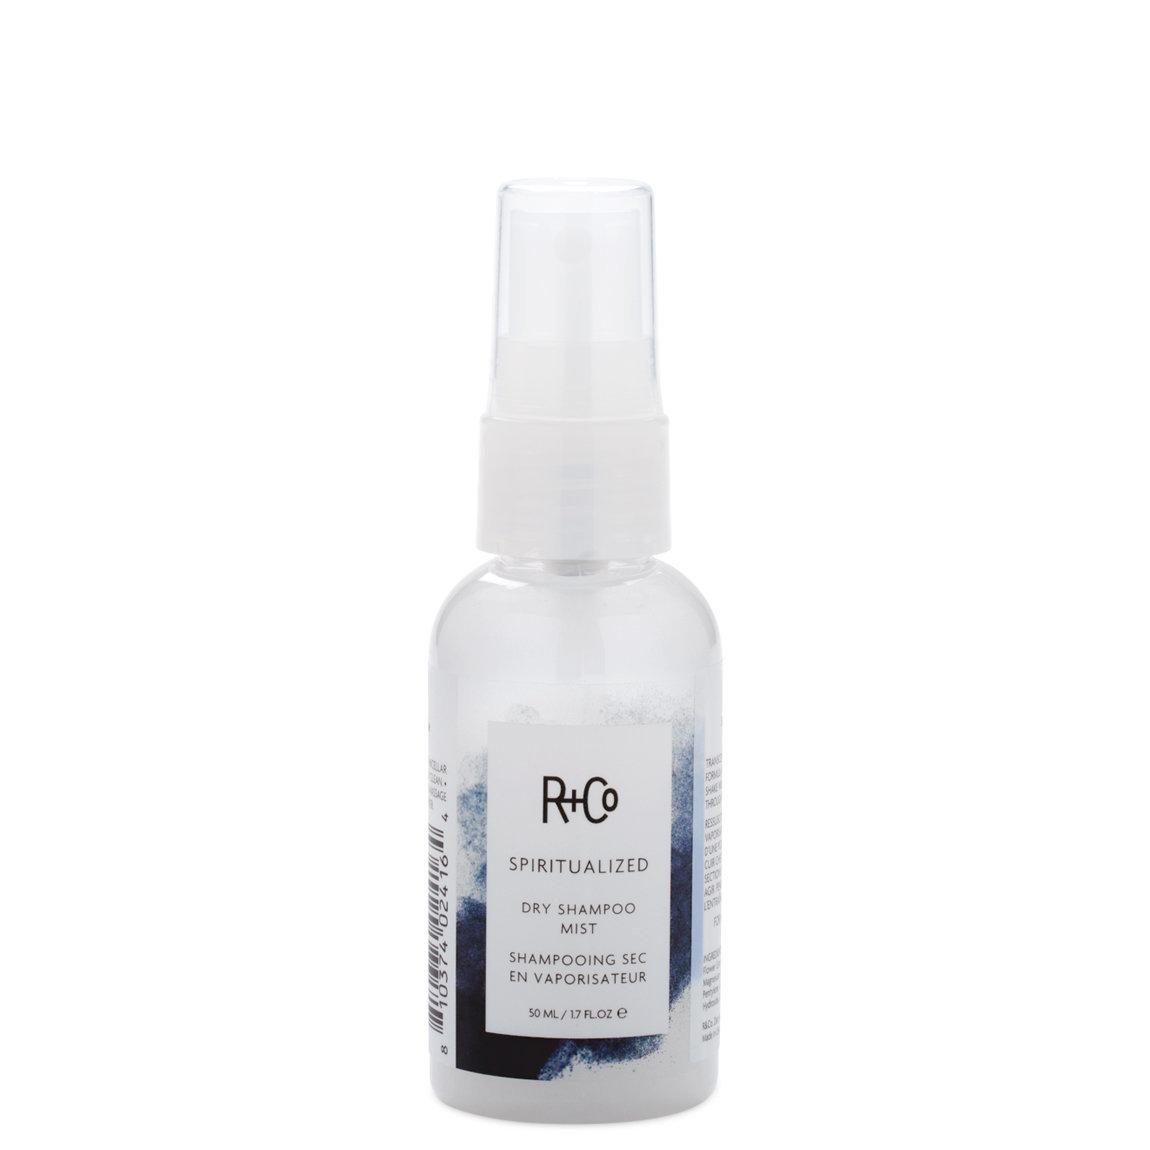 R+Co Spiritualized Dry Shampoo Mist 1.7 fl oz alternative view 1 - product swatch.